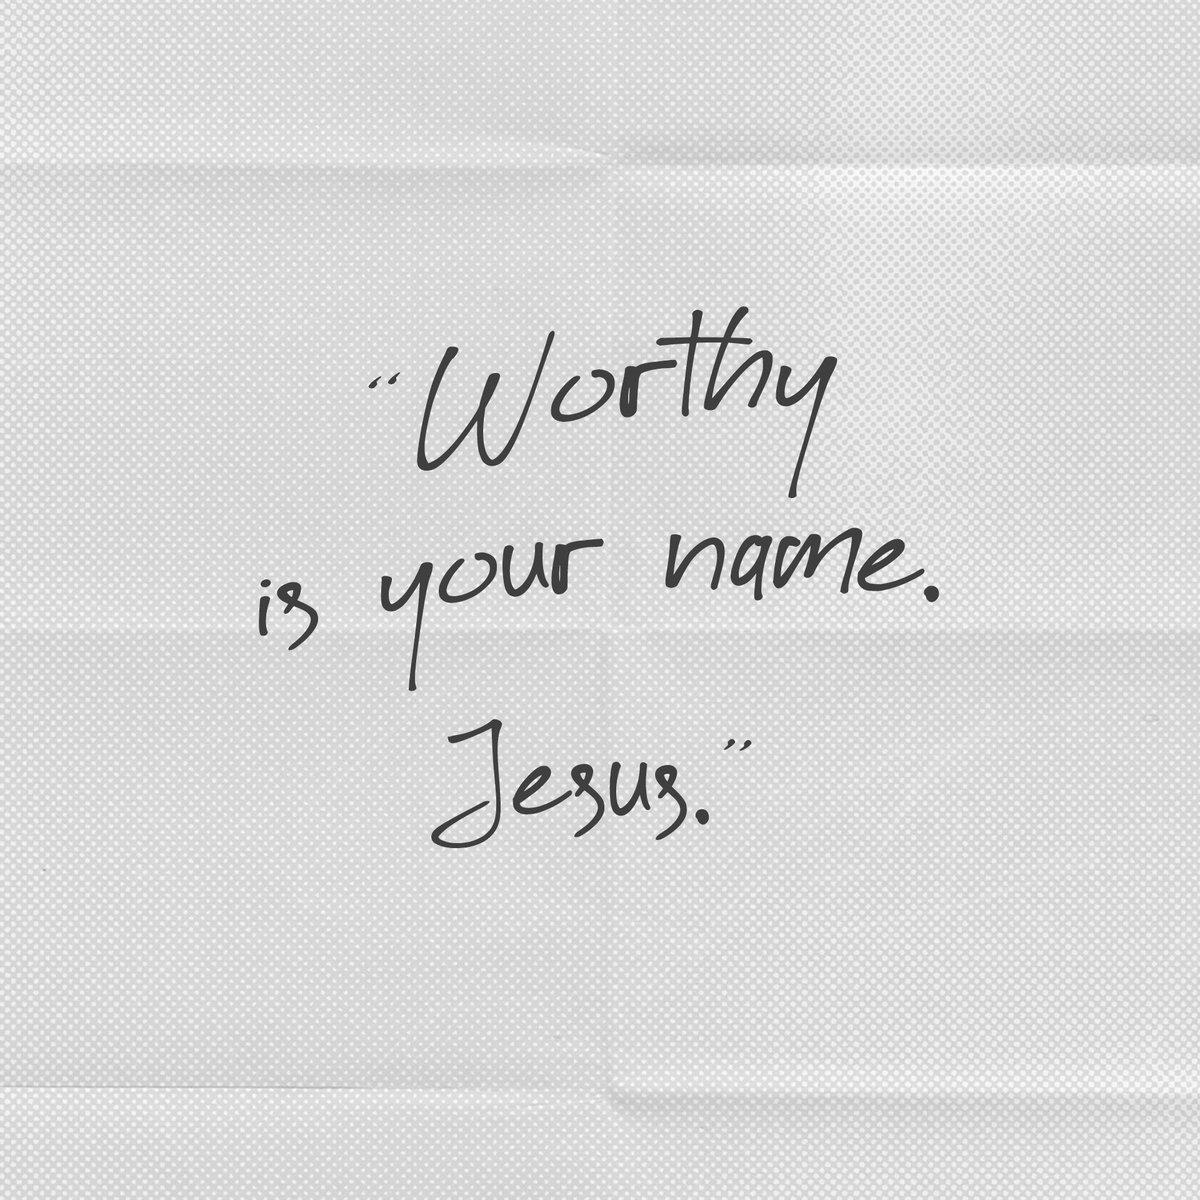 Worthy is your name, Jesus 🤍 https://t.co/PszCXooyHr https://t.co/4oOB1LgQc4